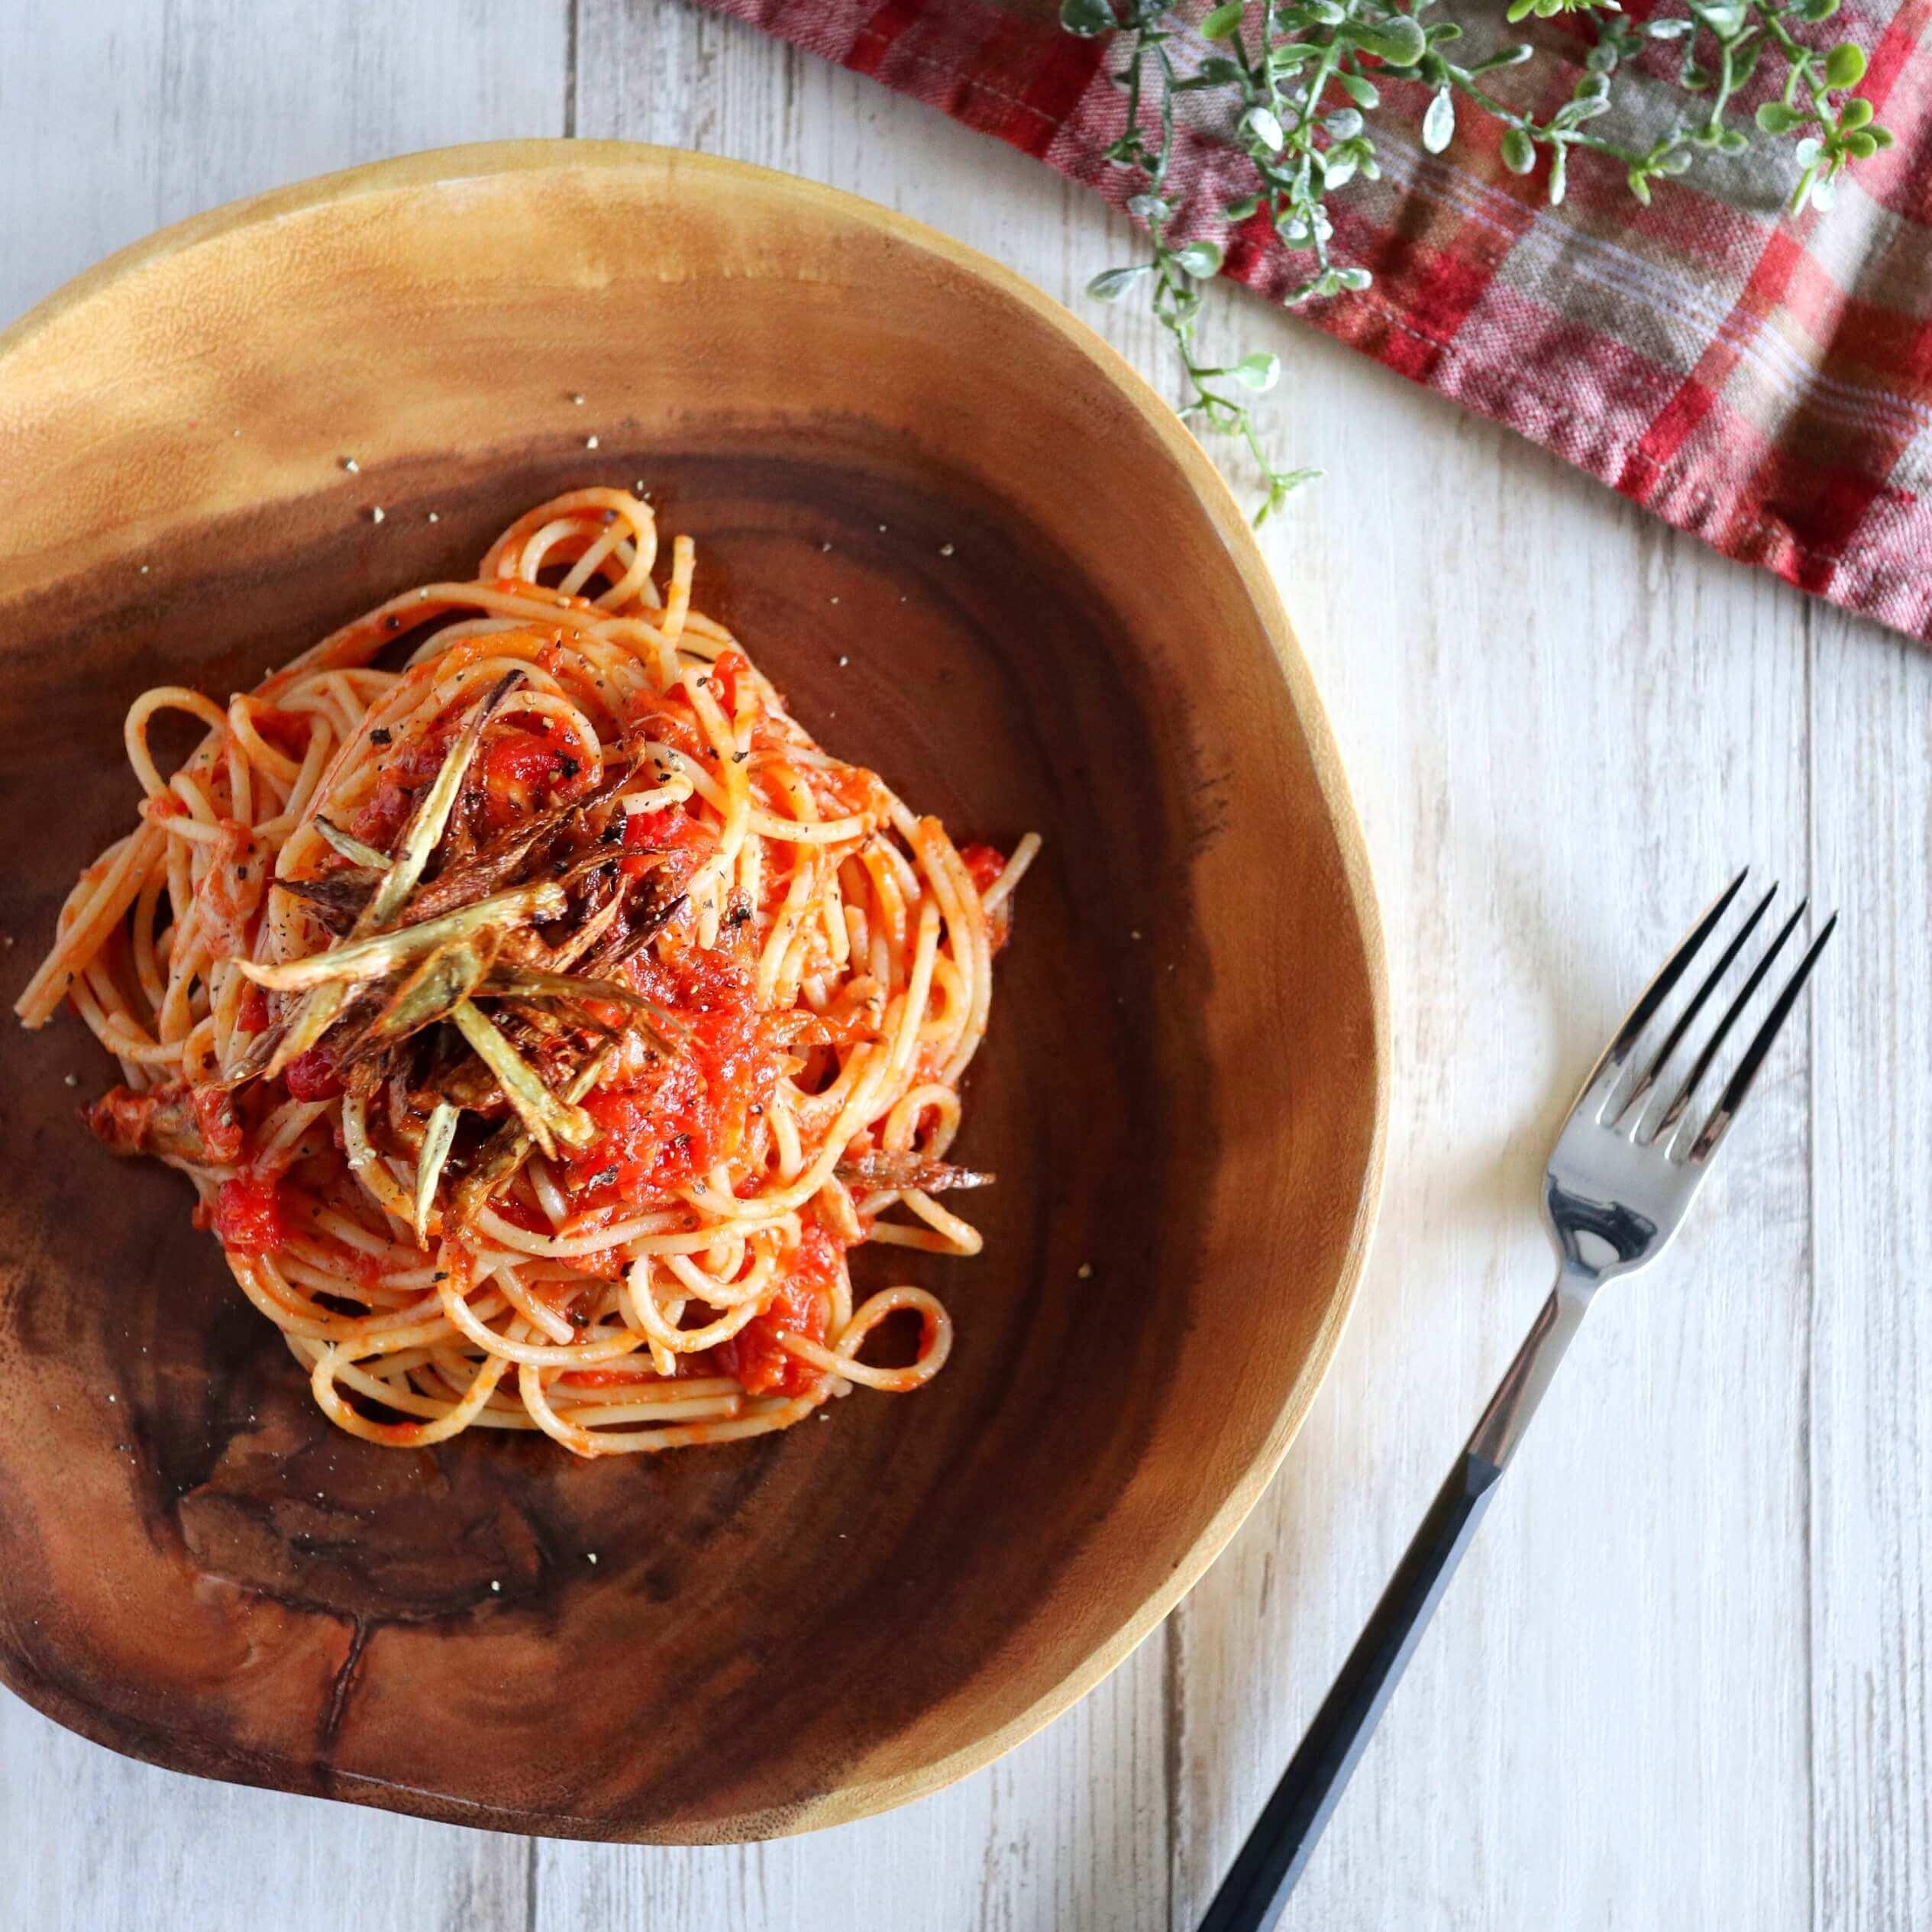 【大絶賛!】ツナとごぼうのトマトパスタのレシピ